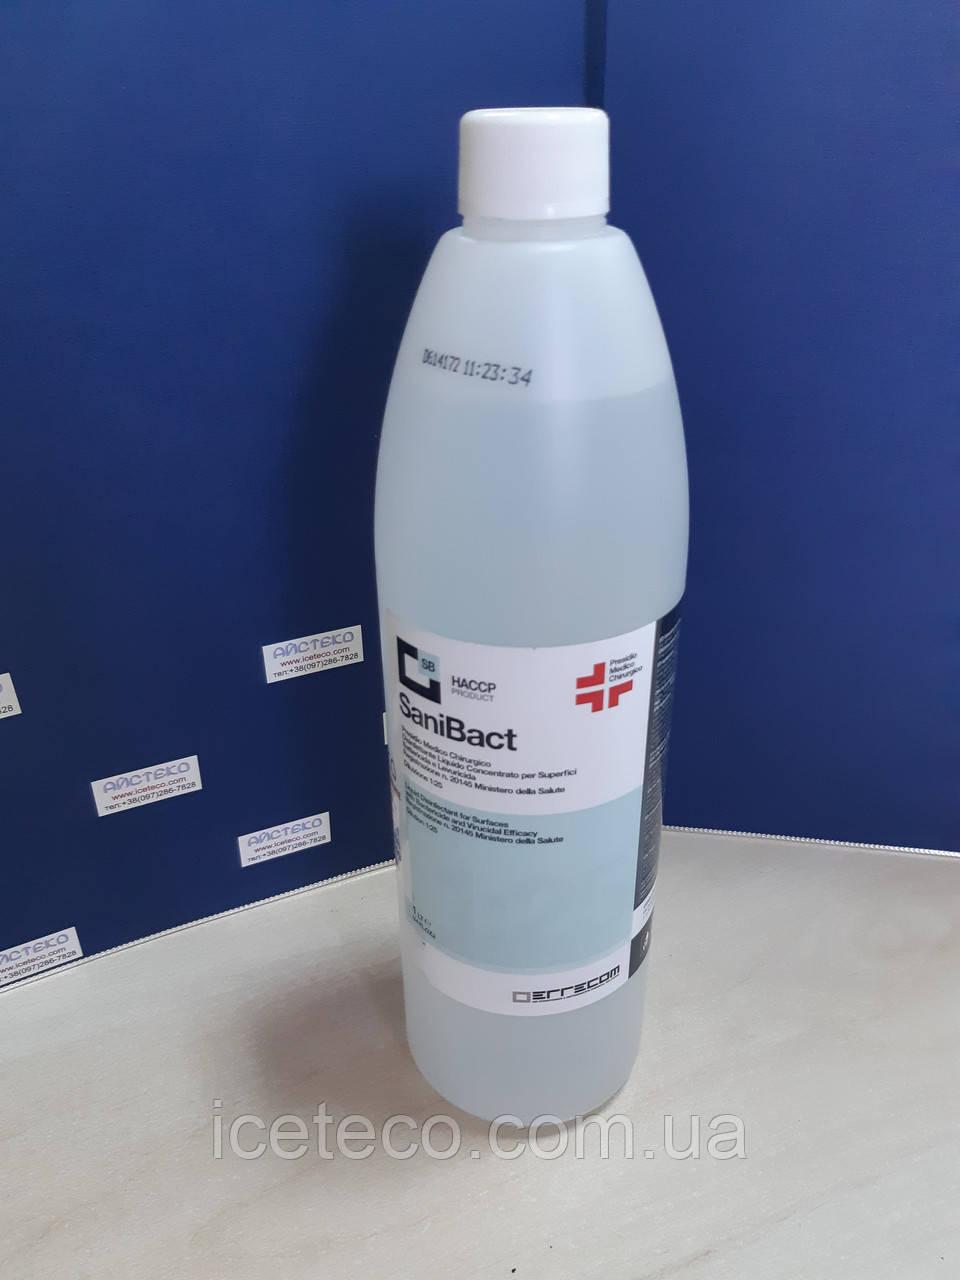 Дезинфицирующее средство с антибактериальным действием (концентрат флакон 1 л) SaniBact AB1085.K.01 Errecom